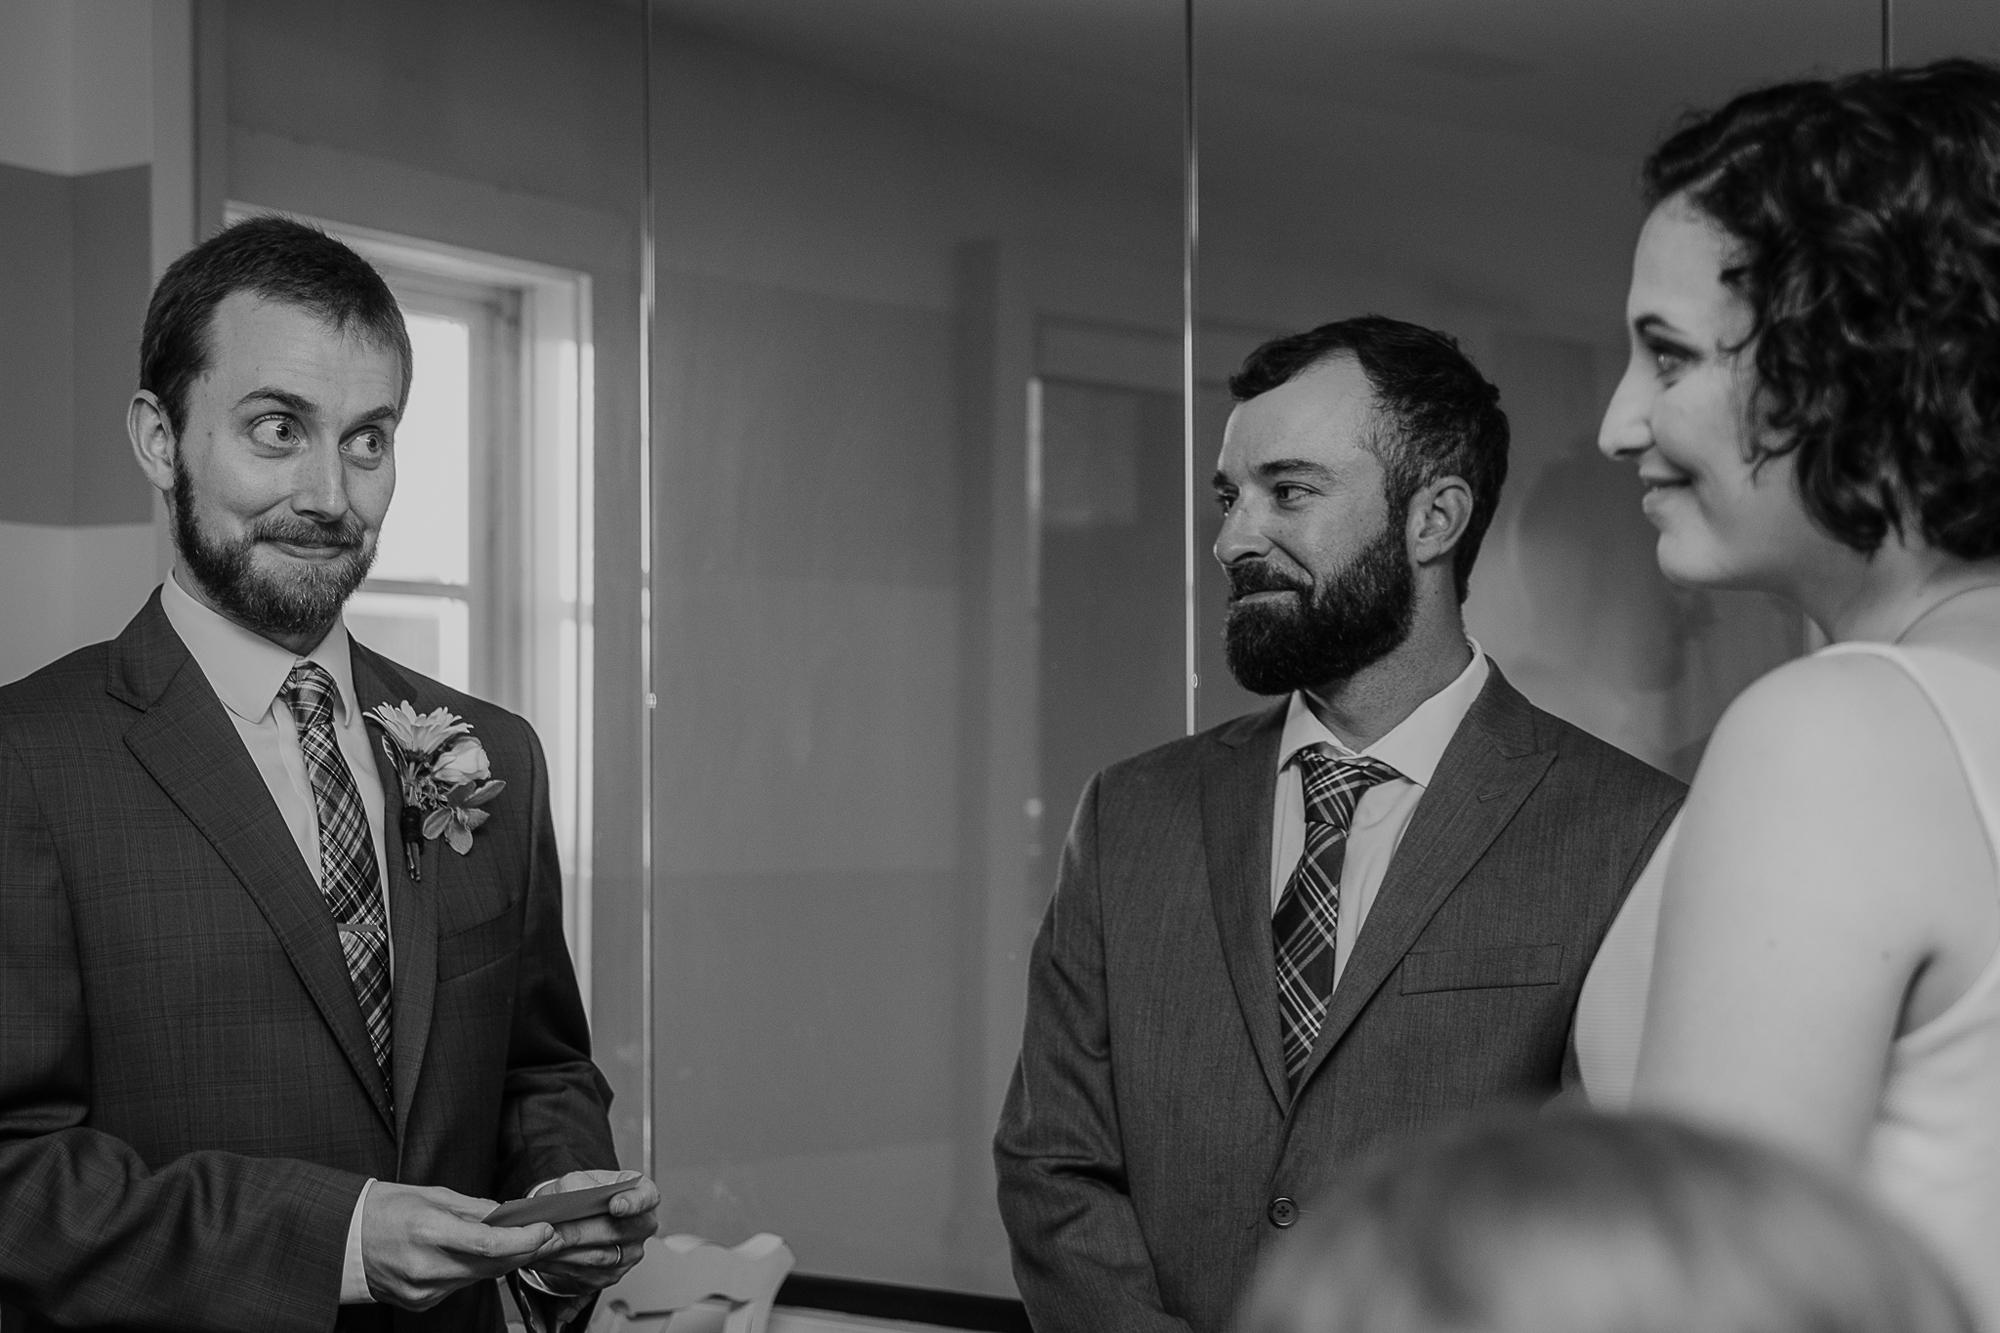 081-annapolis_courthouse_wedding.jpg